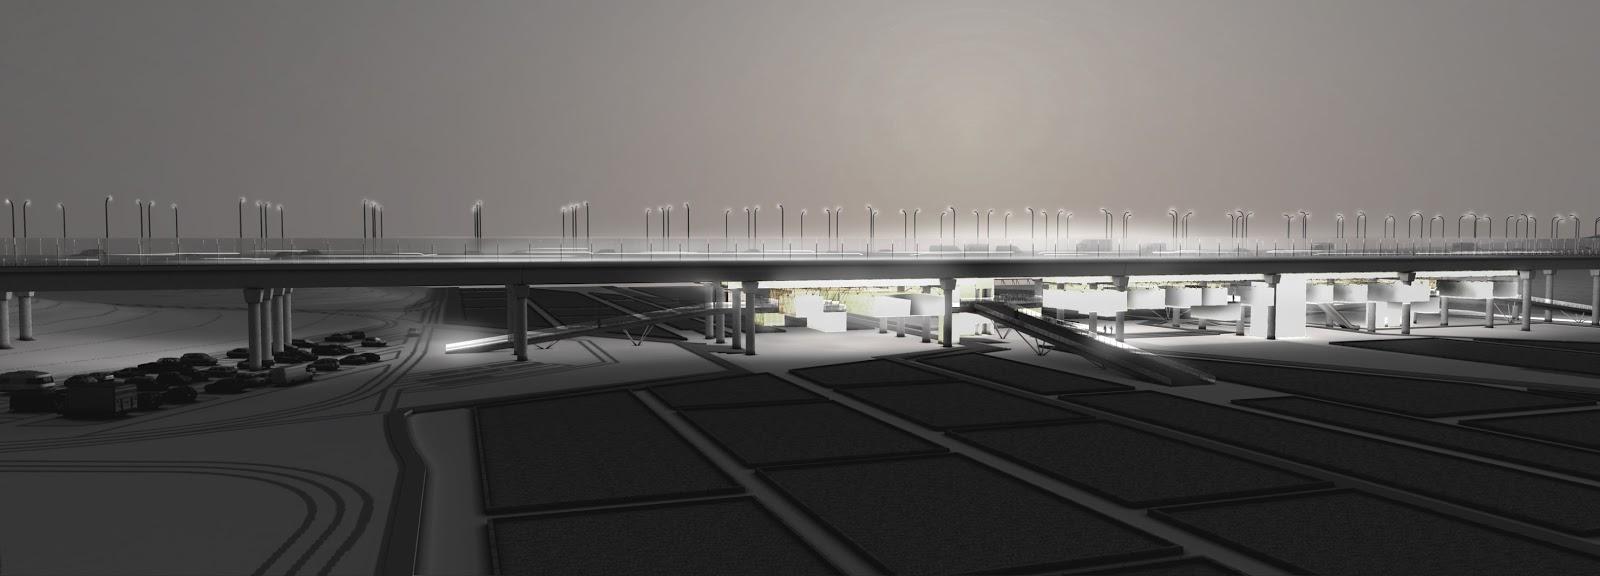 RENDERS 3D PFC - Vista 3D Nocturna del Mercado de Productos Orgánicos para el PFC de un alumno de la UEM - ETSAM UEM UCJC ESAYT USPCEU USP CEU IE UAX UAH UPM ETSA